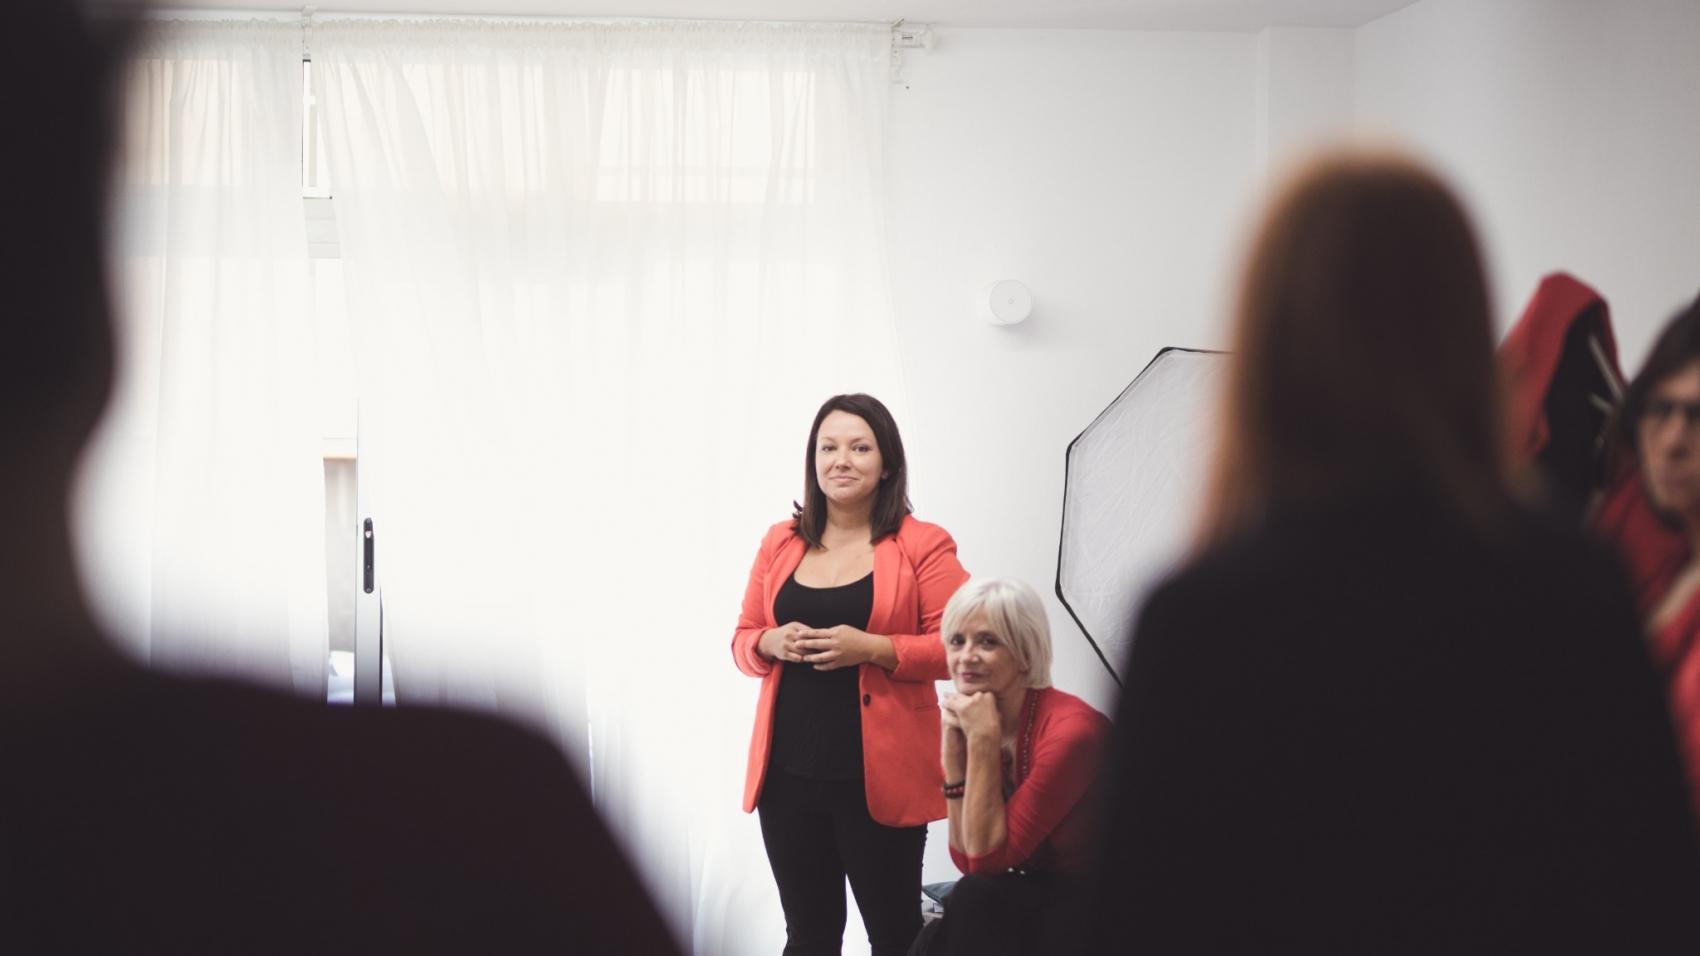 la mujer emprendedora de AQIA marketing